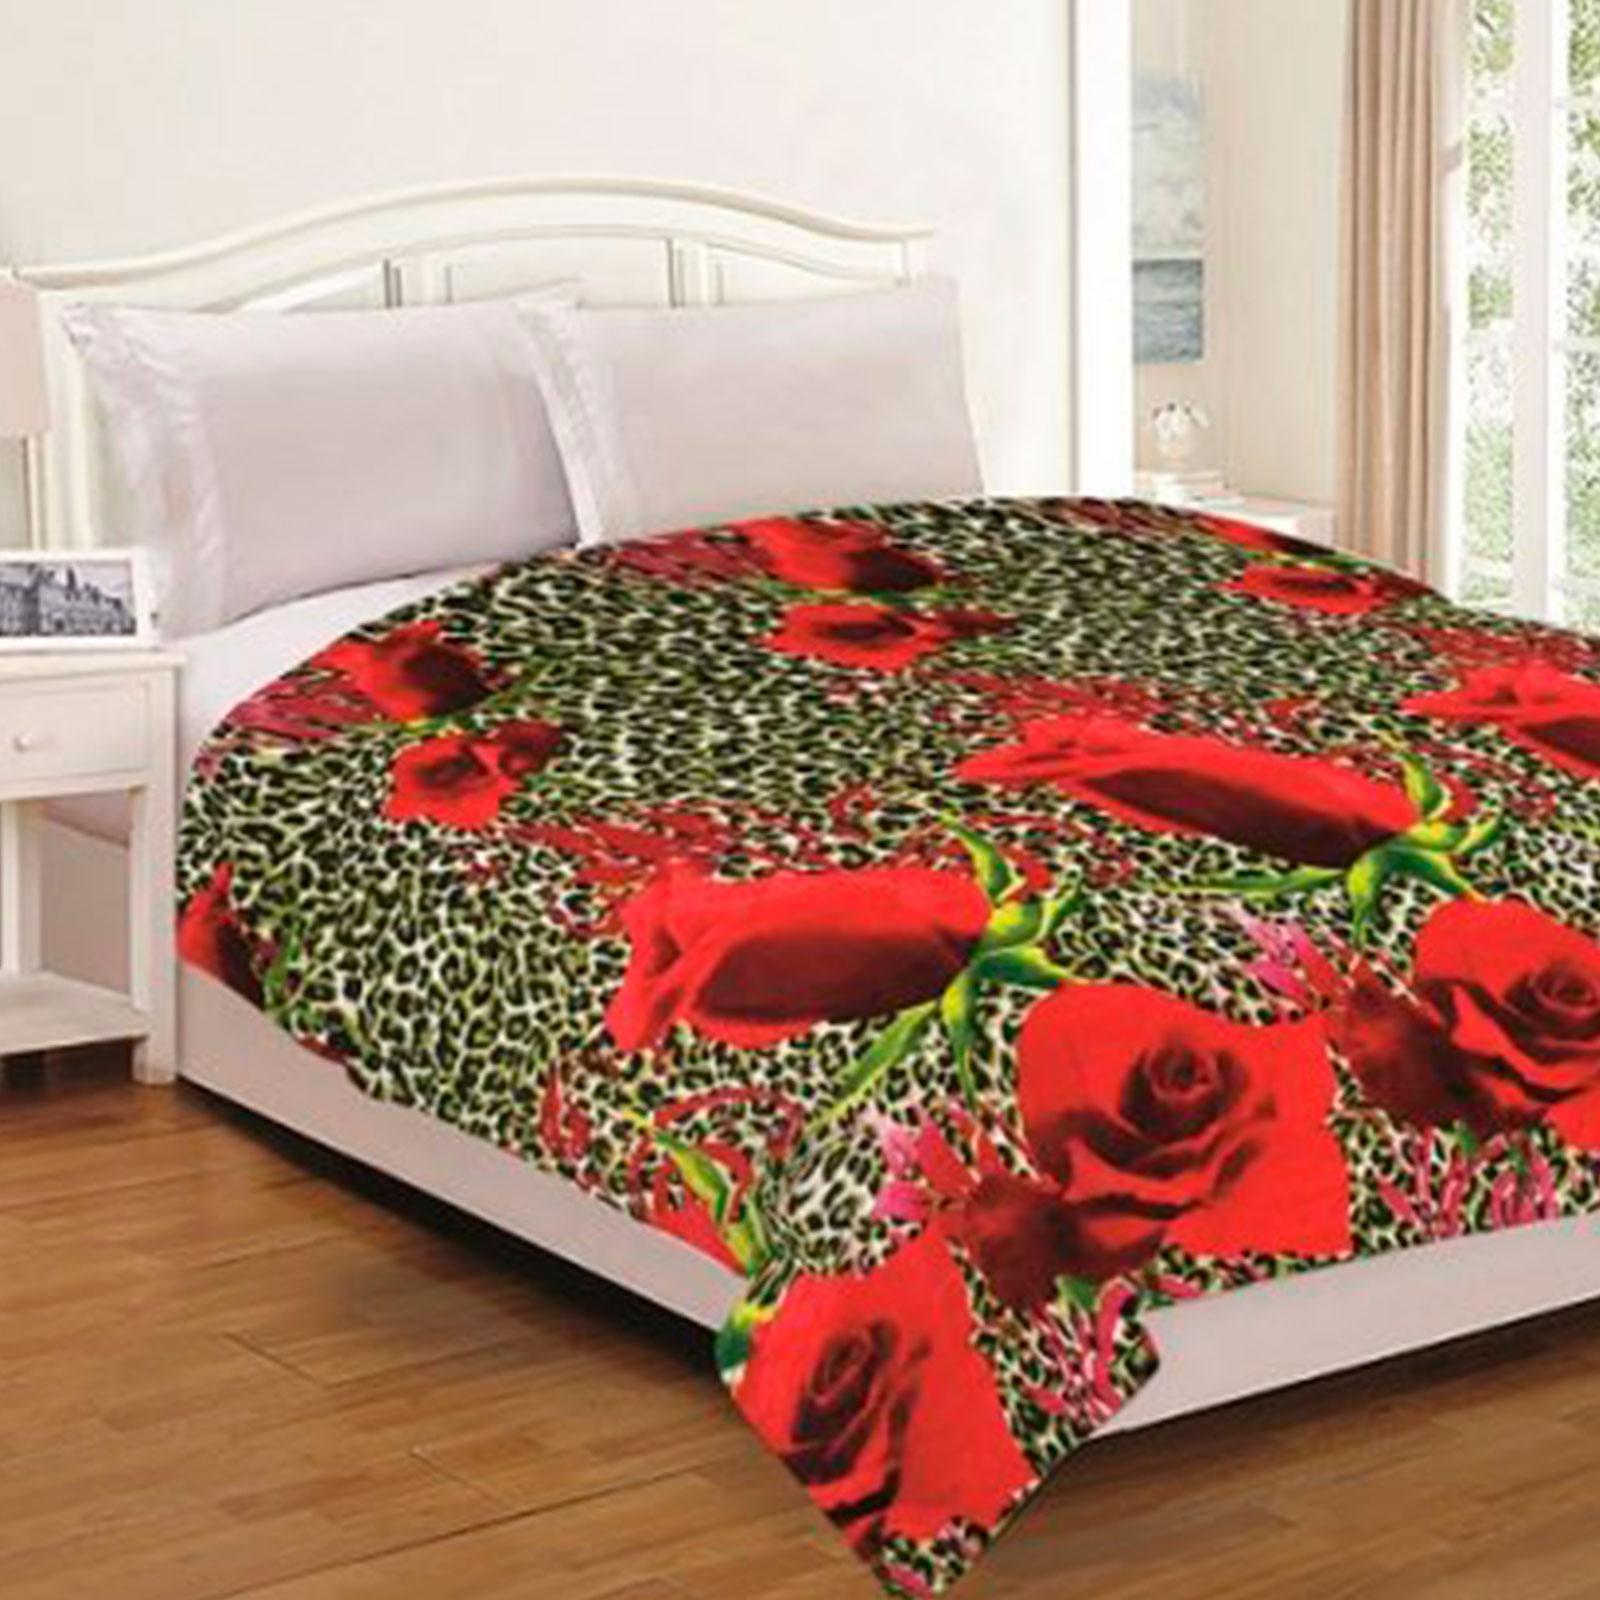 """Комплект: покрывало и подушка """"Страсть"""""""